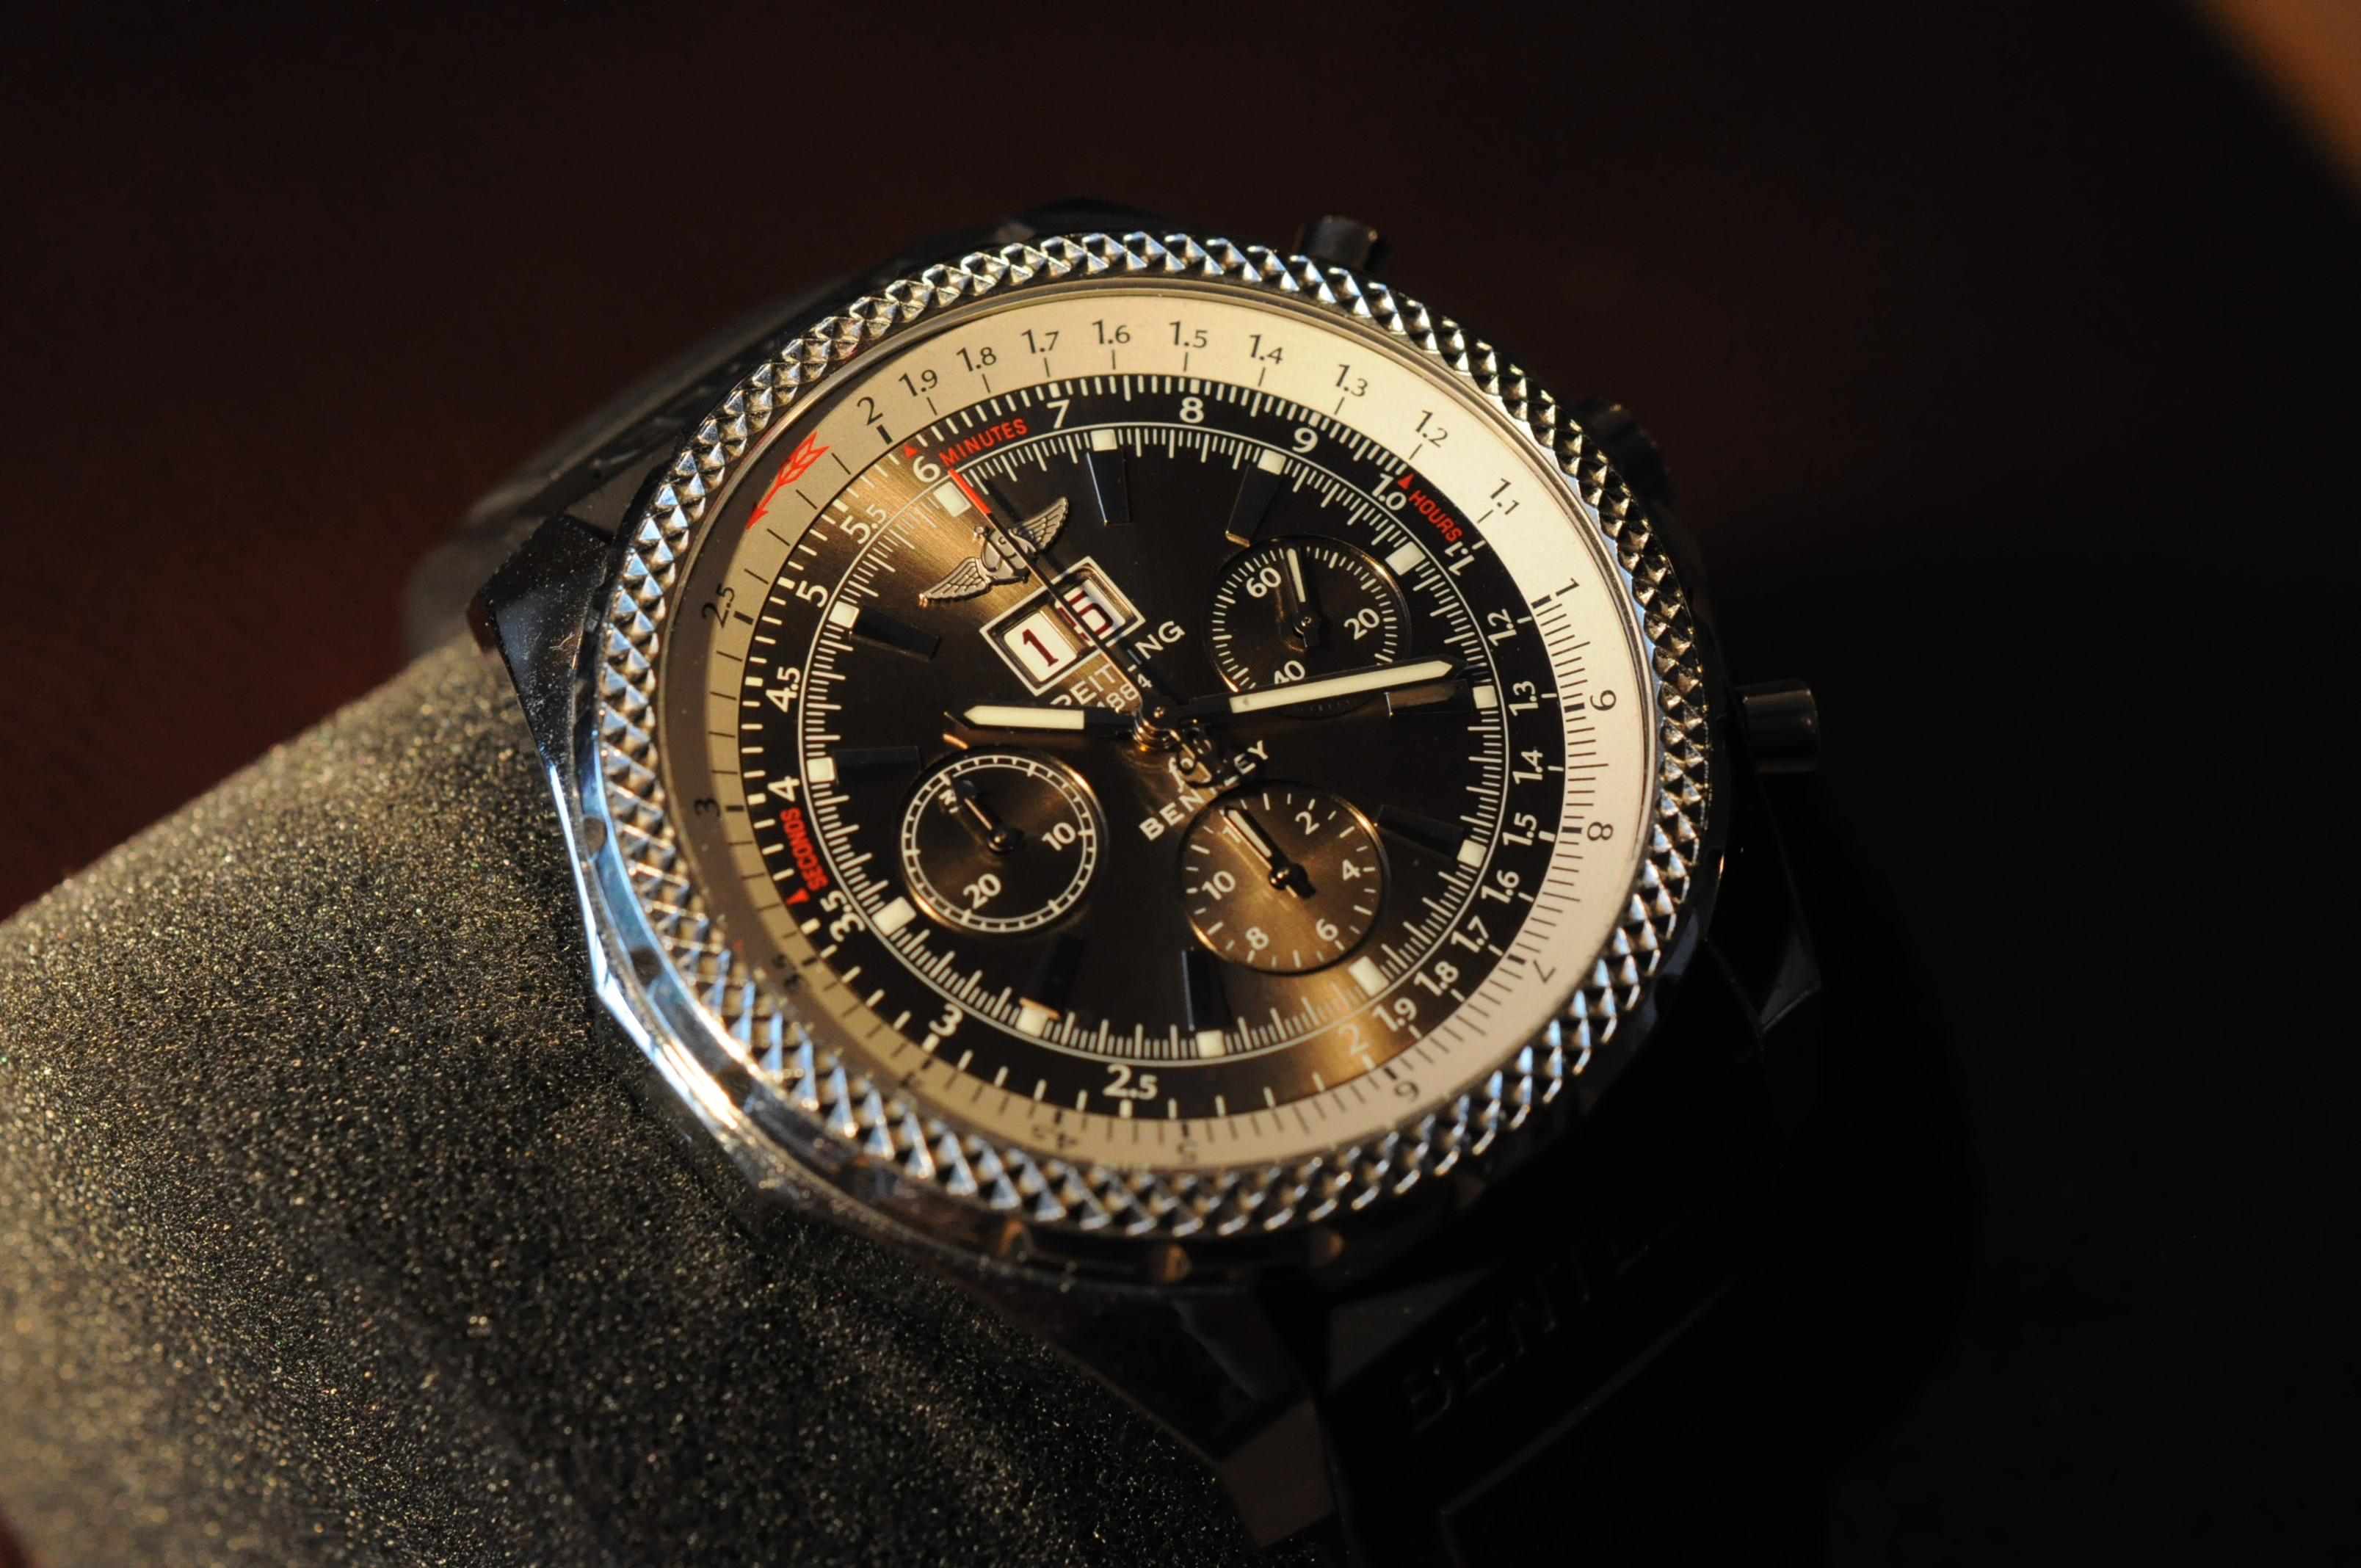 Этот подвиг был впоследствии повторен еще четырежды: цена на часы breitling, безупречное качество и роскошный дизайн соответствуют премиум-классу.